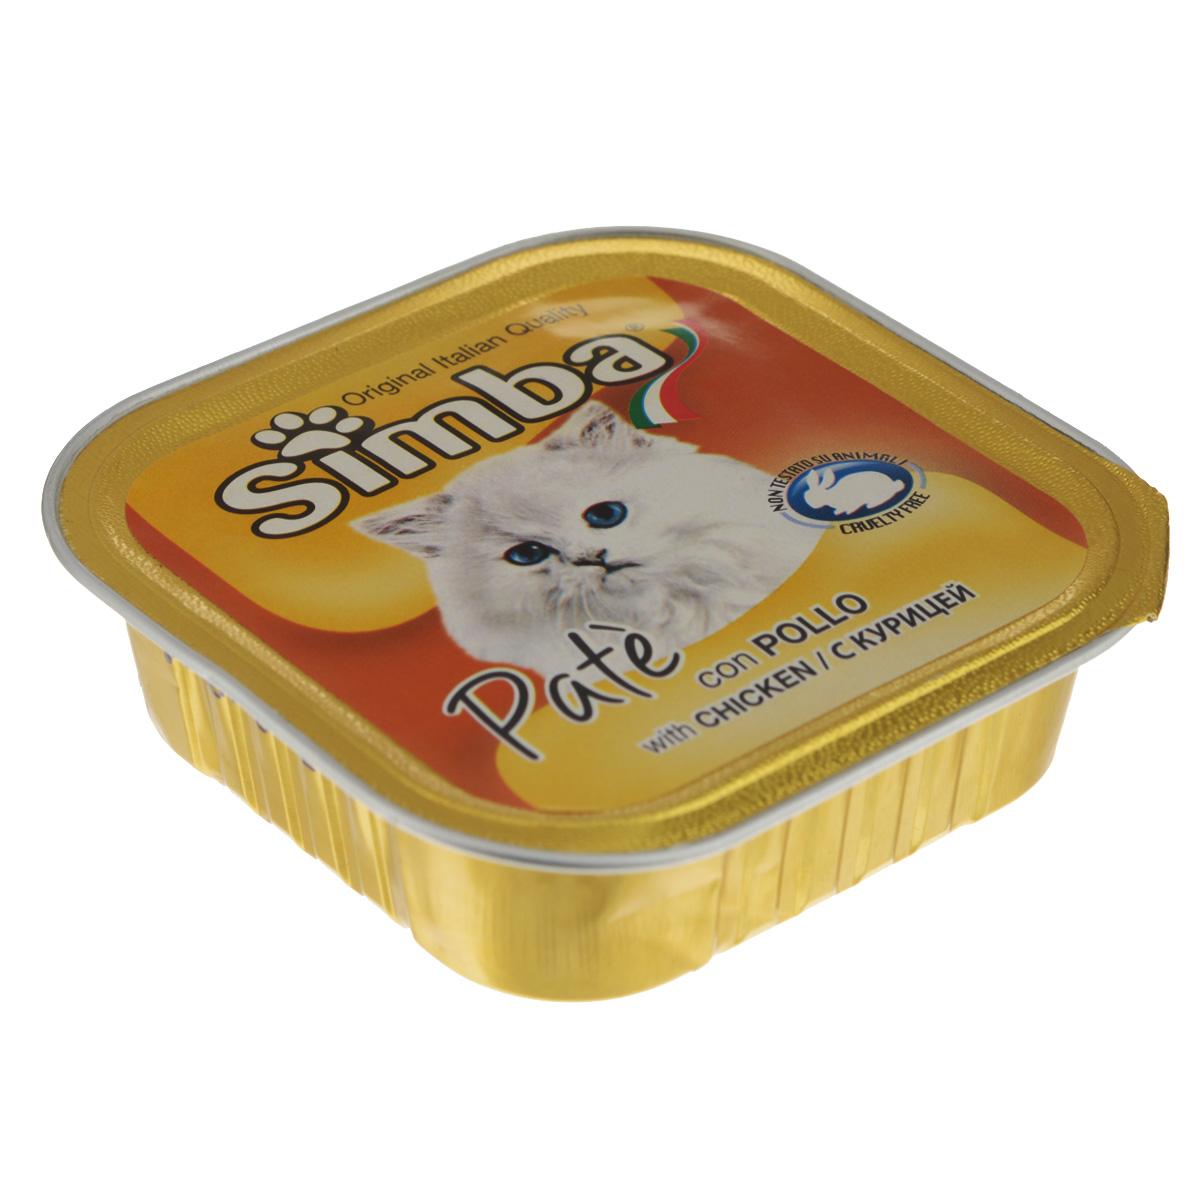 Консервы Monge Simba для взрослых кошек, паштет с курицей, 100 г70009225Консервы Monge Simba - полнорационный корм для взрослых кошек. Без добавления консервантов и антиоксидантов. Экологически чистое производство гарантирует высочайшее качество и длительные сроки хранения консервов. Тщательный отбор сырья и содержащийся в нем полный набор витаминов и микроэлементов обеспечивает отличную усвояемость и отсутствие проблем с пищеварением у ваших любимых питомцев. Состав: мясо и мясные субпродукты (мясо курицы 6%), каррагенин, минеральные вещества, натуральные красители и вкусовые добавки. Пищевая ценность: протеин 8,0%, жир 7,5%, зола 2,1%, клетчатка 0,4%, влажность 82%. Добавки на кг: витамин А: 1 200; витамин D3: 160; витамин Е: 5 мг/кг. Товар сертифицирован.